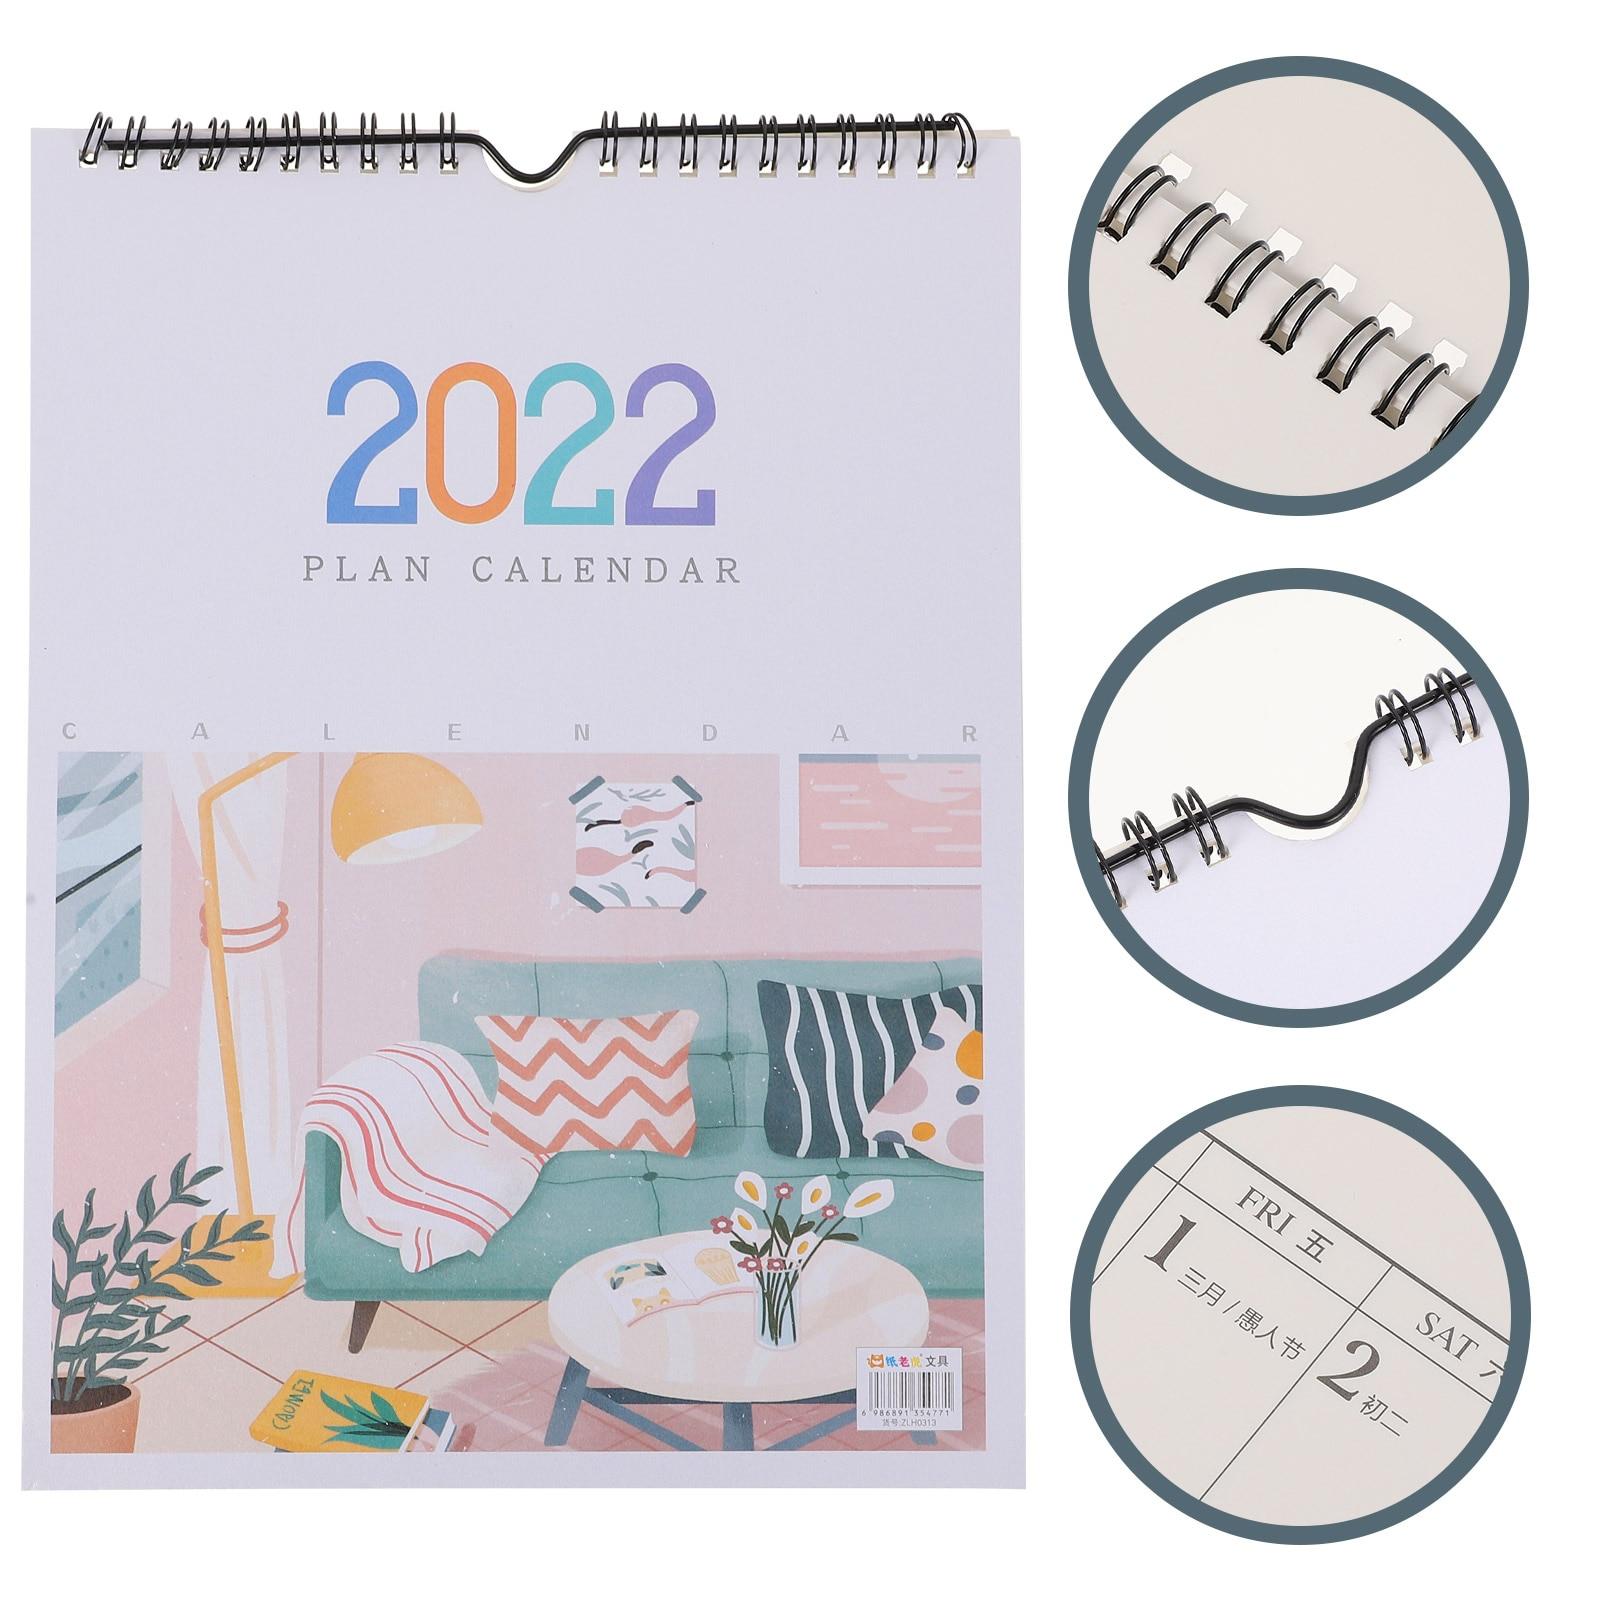 Настенный календарь 2022, ежемесячный календарь, календарь для записей, подвесной календарь (разные цвета), 1 шт.